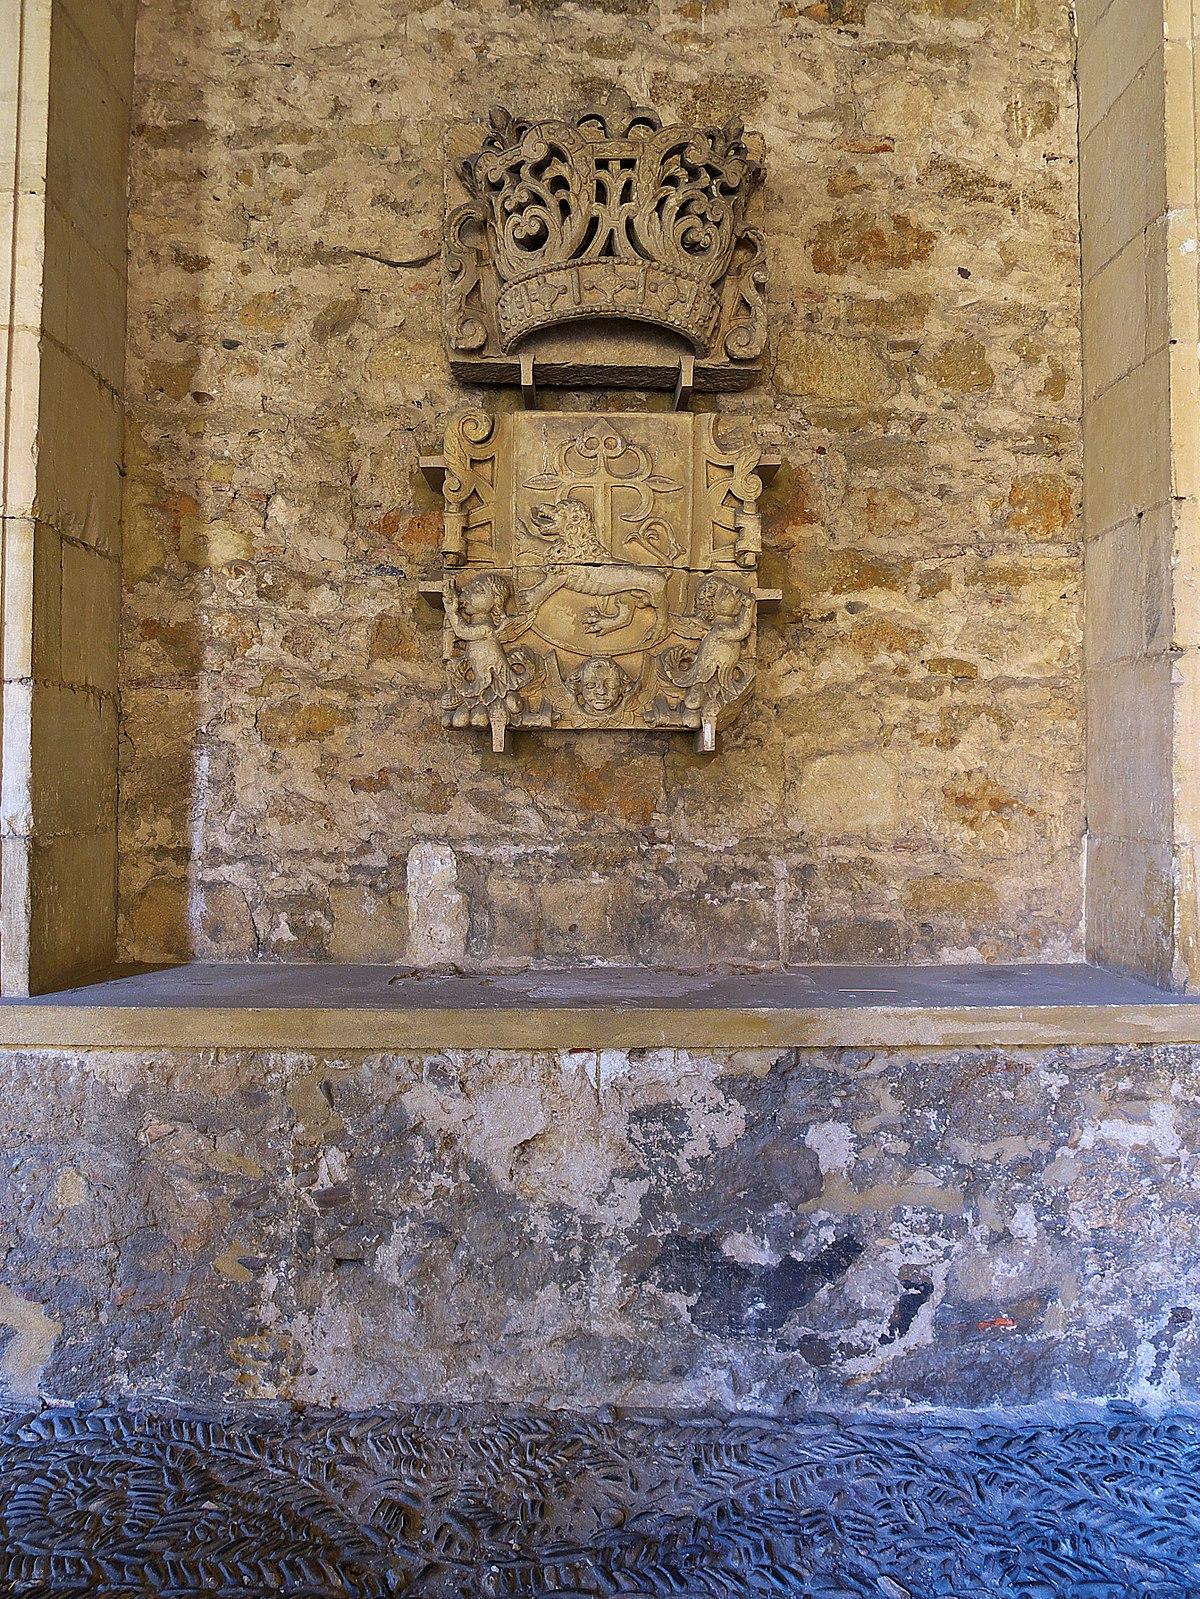 Priorato de san marcos de le n wikipedia la for Puerta 3 de san marcos